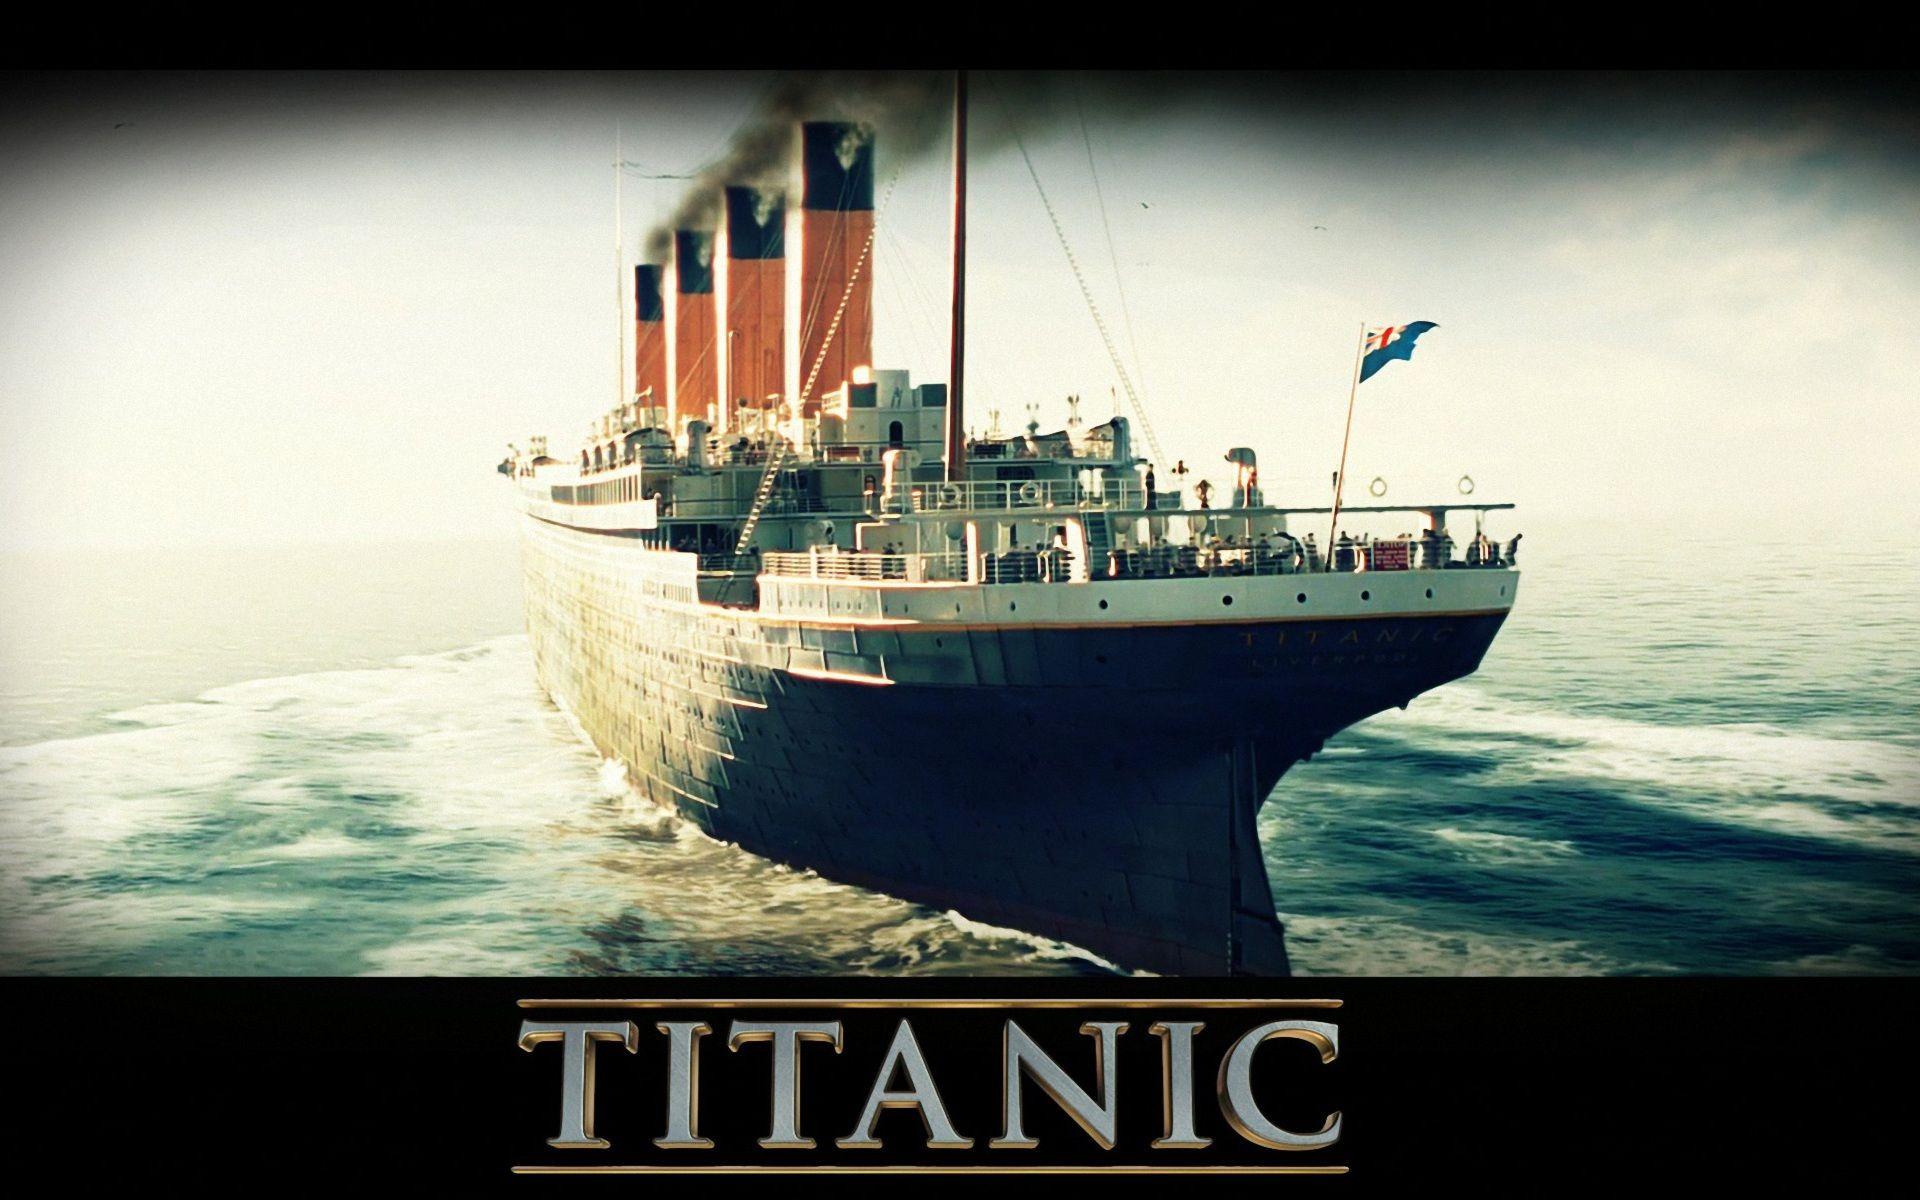 HD Wallpapers Widescreen 1080P 3D   Titanic 3D Wallpaper ...